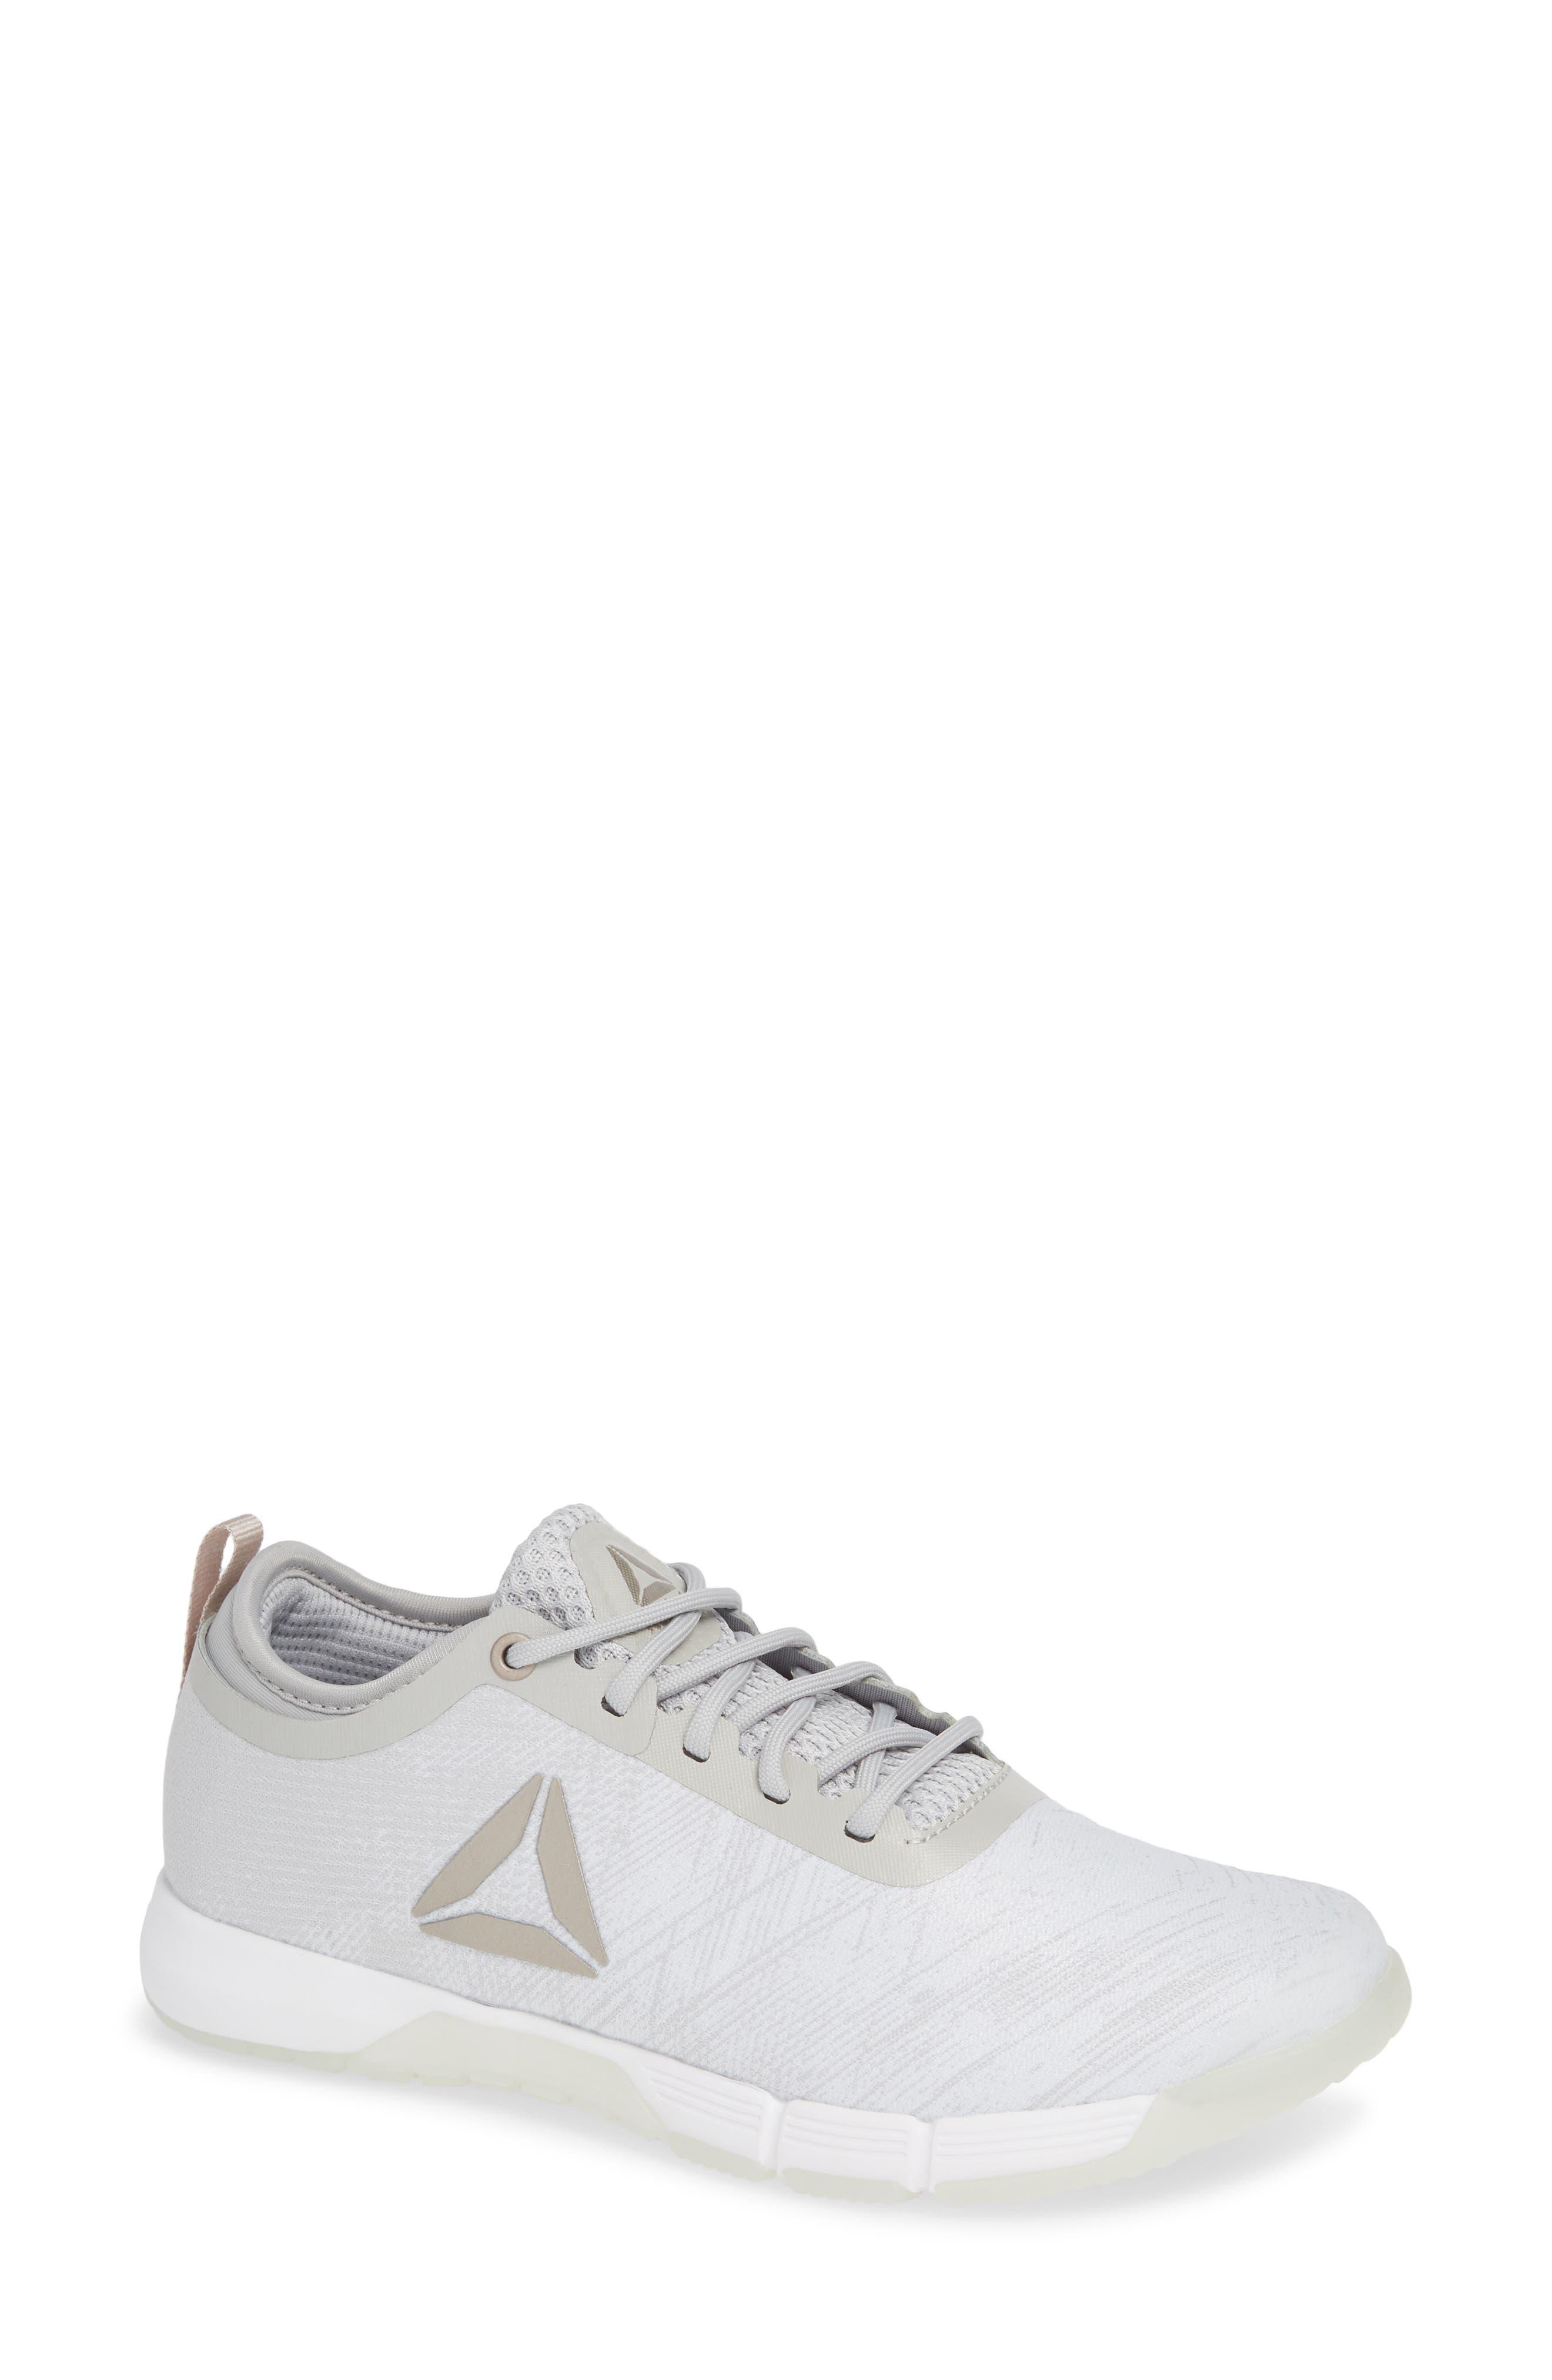 Speed Her Tr Training Shoe in White/ Spirit White/ Moondust